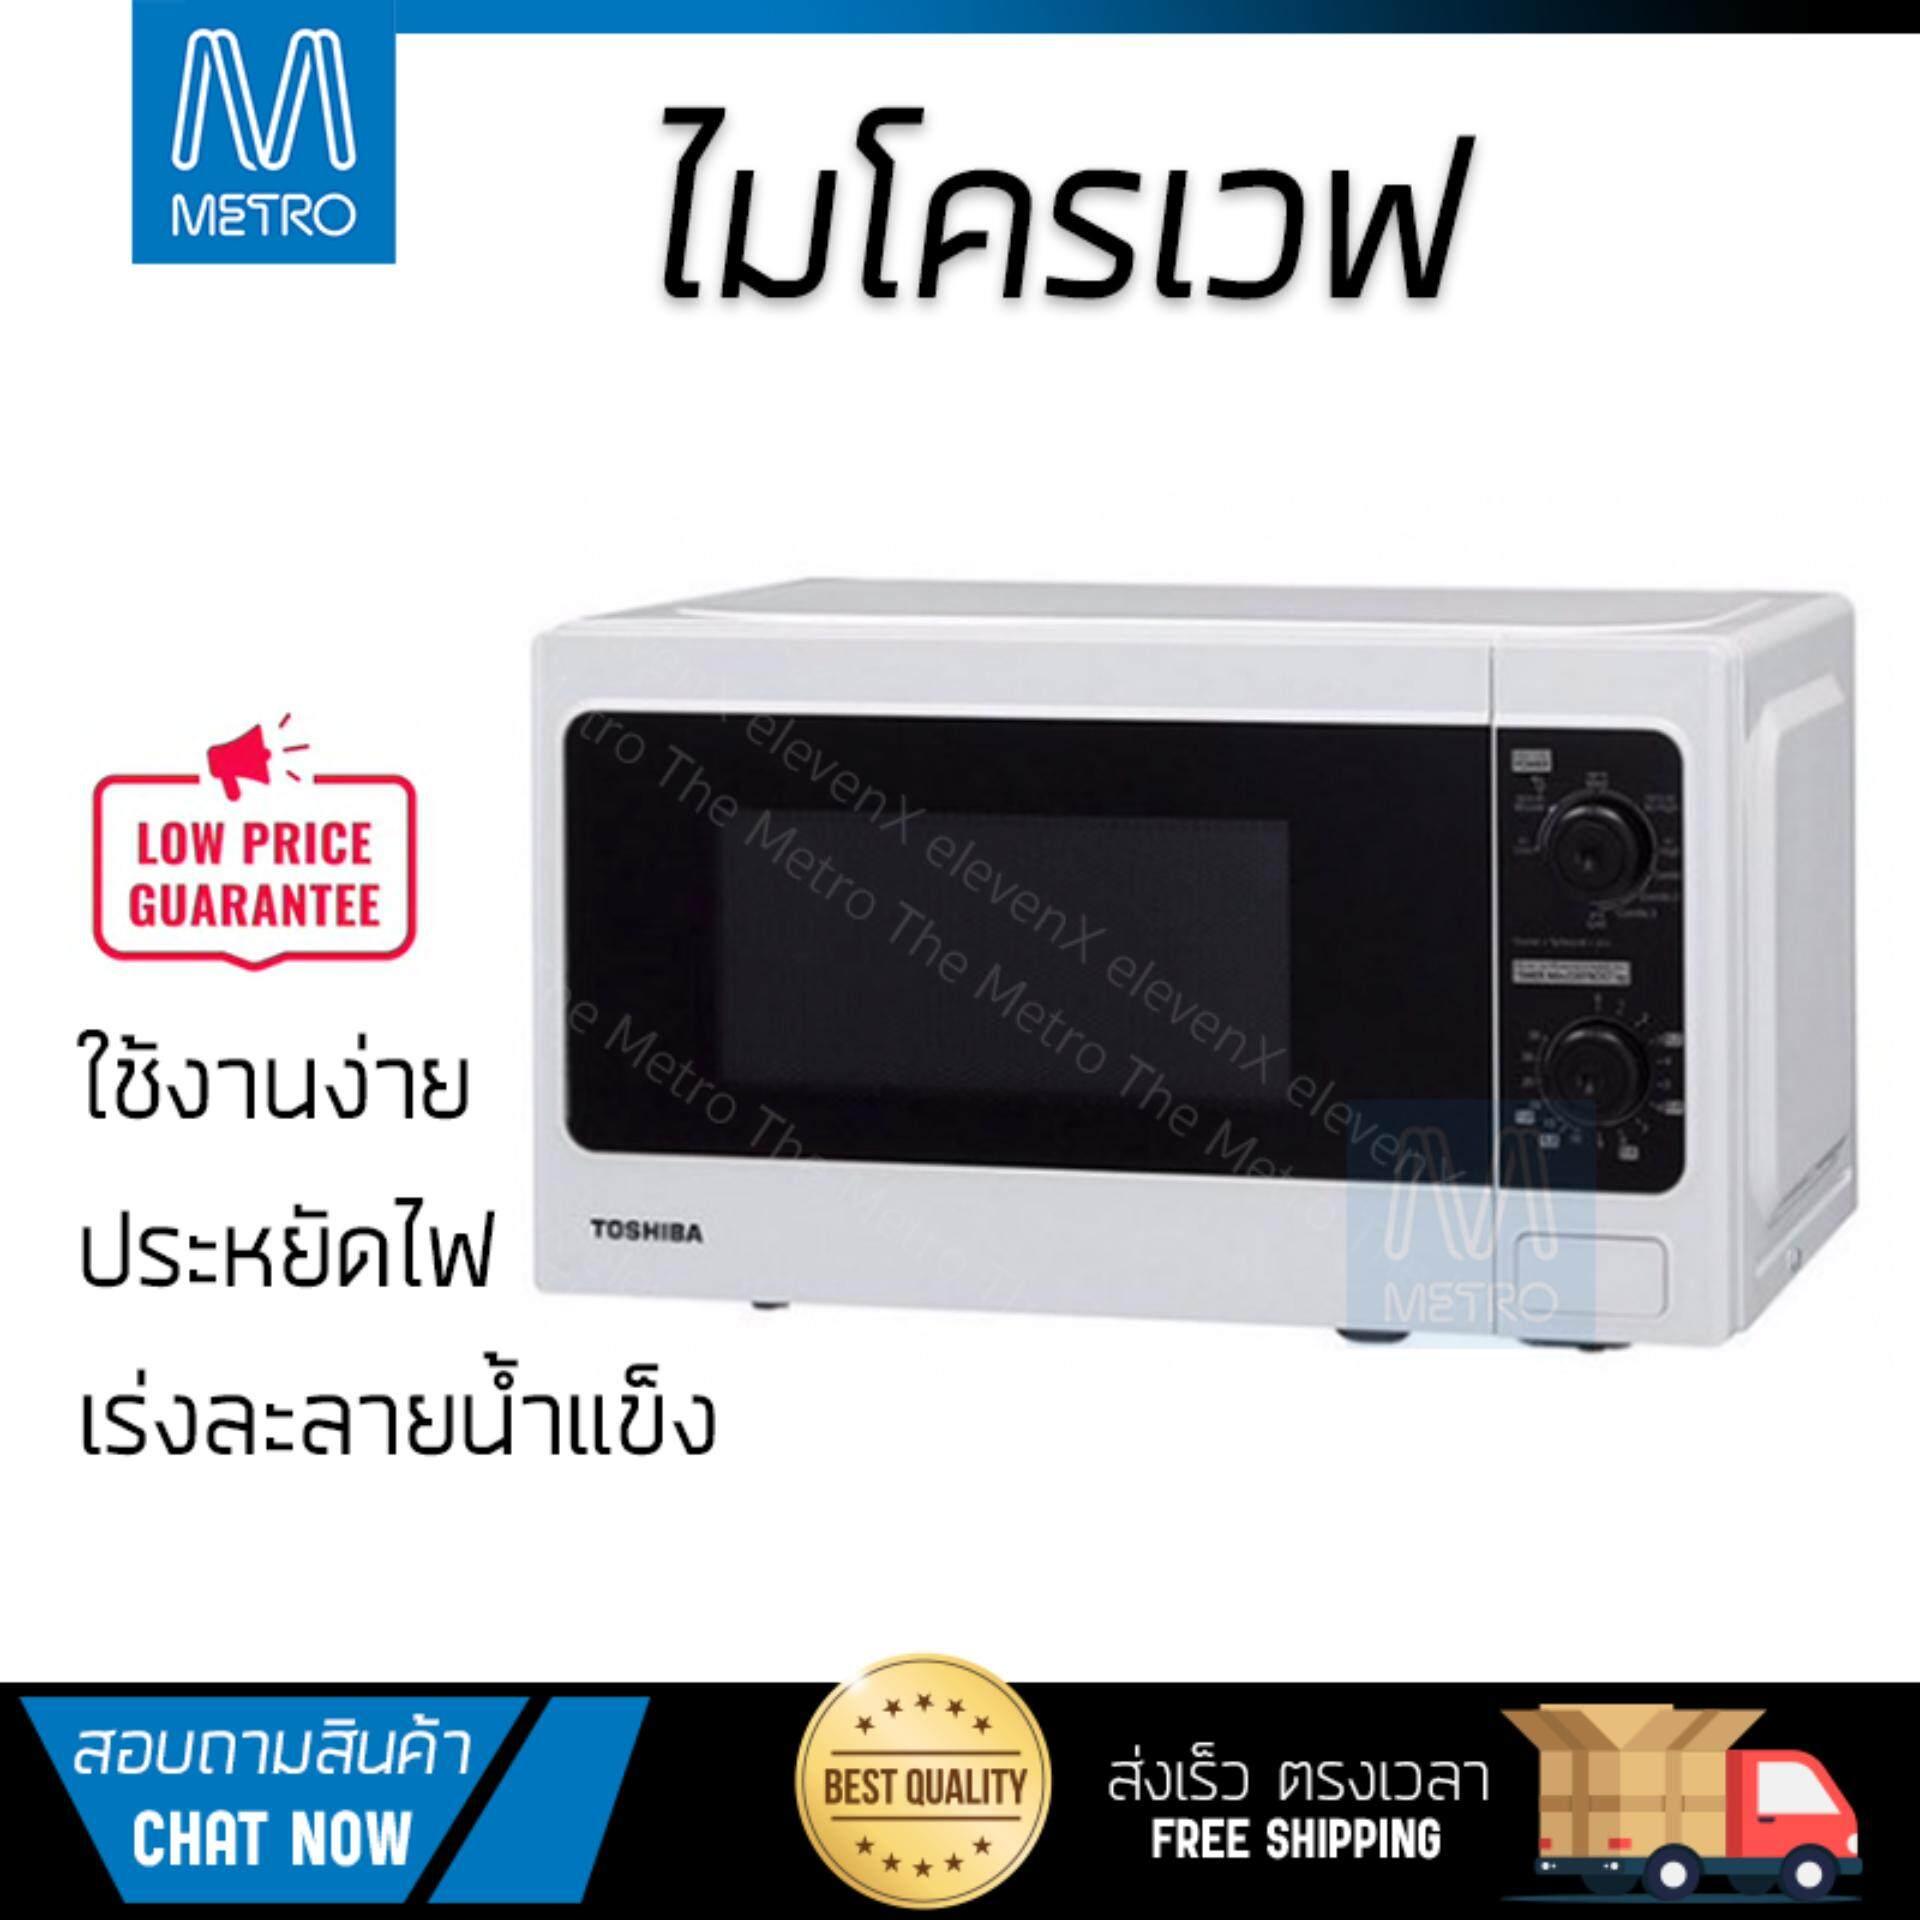 รุ่นใหม่ล่าสุด ไมโครเวฟ เตาอบไมโครเวฟ ไมโครเวฟ MANUAL TOSHIBA ER-SGM20(W)TH 20L | TOSHIBA | ER-SGM20(W)TH ปรับระดับความร้อนได้หลายระดับ  มีฟังก์ชันละลายน้ำแข็ง ใช้งานง่าย Microwave จัดส่งฟรีทั่วประเทศ